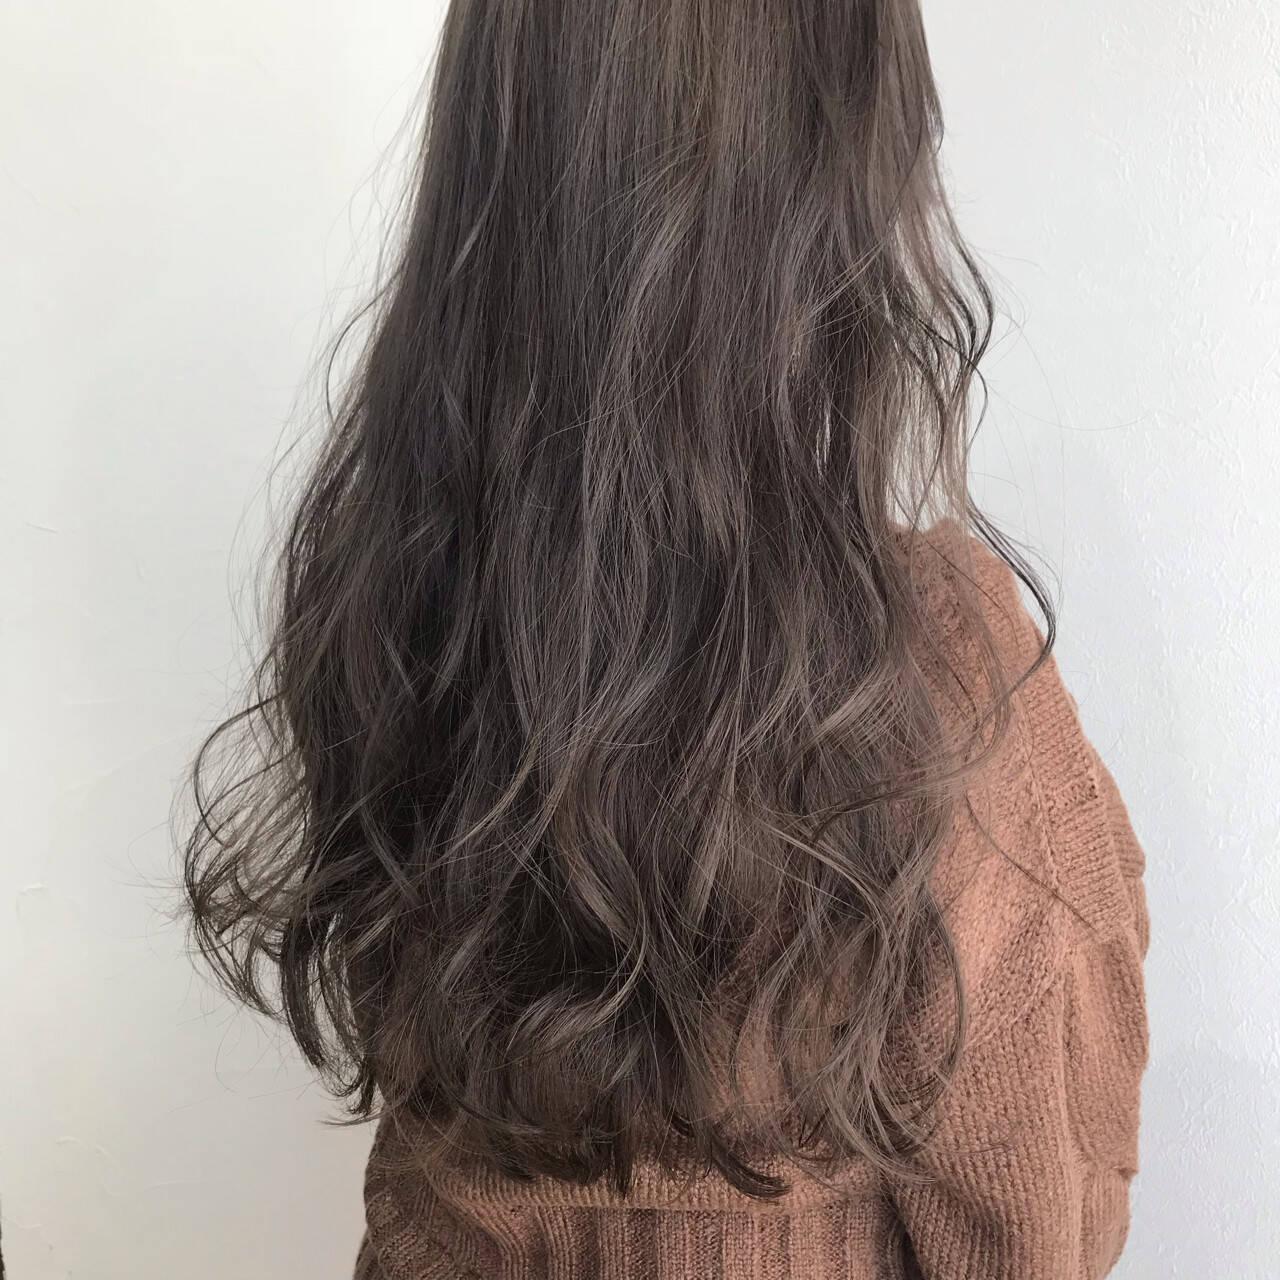 ロング ナチュラル ウェーブ 簡単ヘアアレンジヘアスタイルや髪型の写真・画像